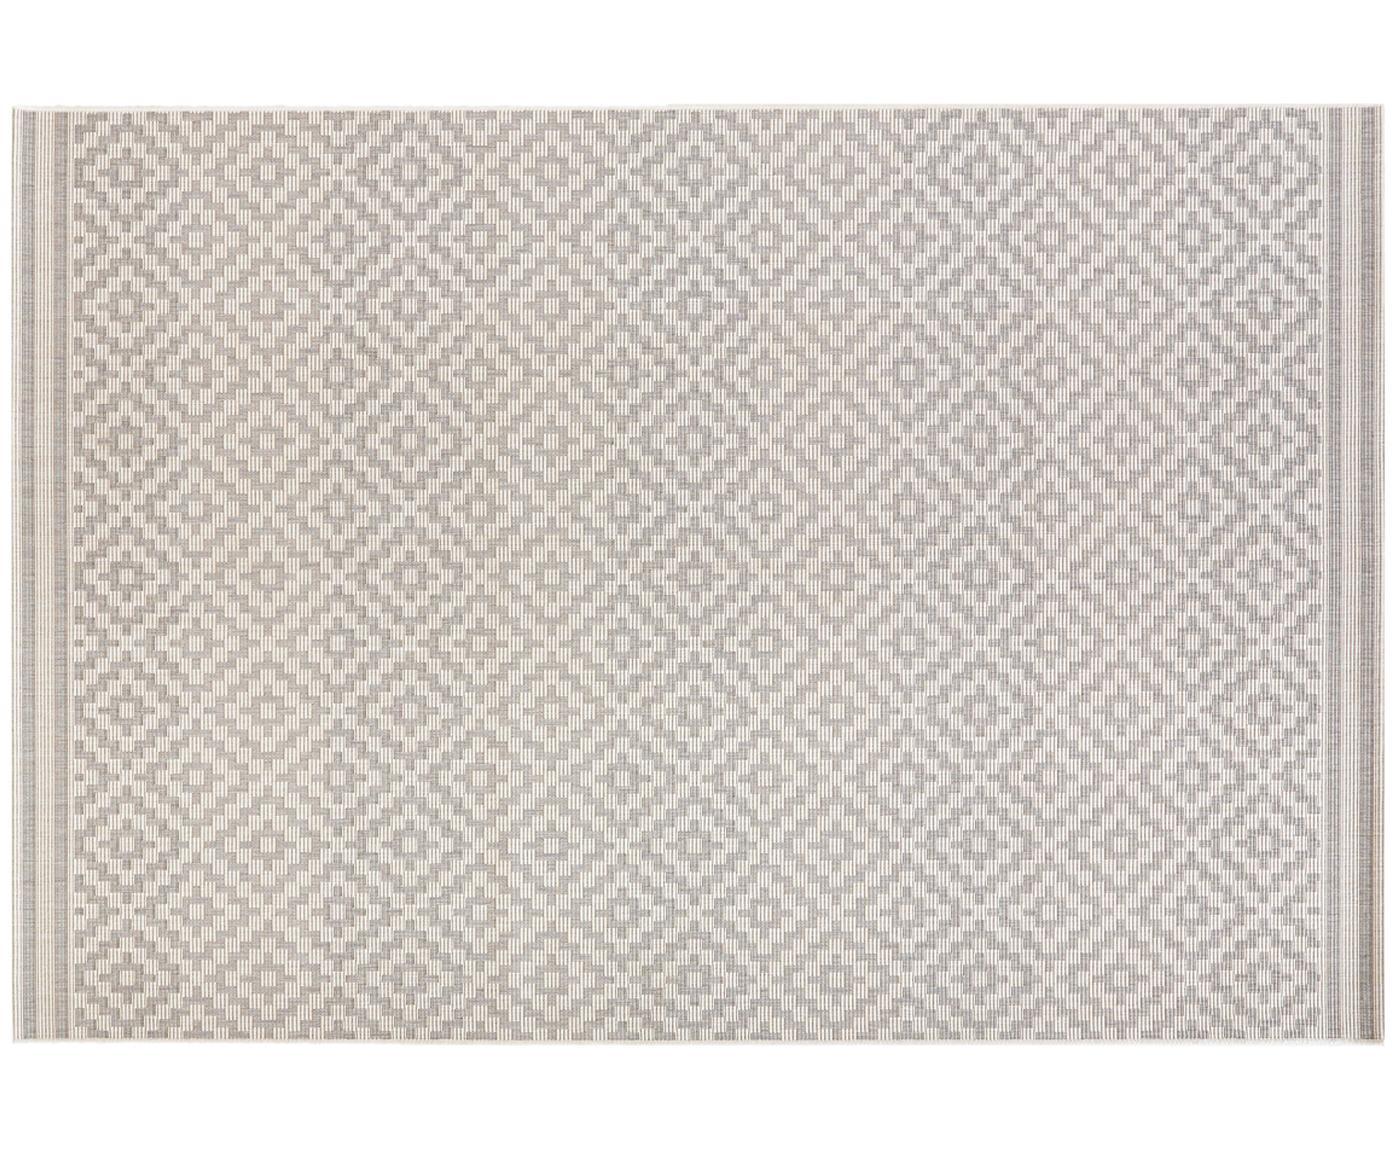 In- & Outdoor-Teppich Meadow Raute mit grafischem Muster, Grau, Beige, B 80 x L 150 cm (Größe XS)